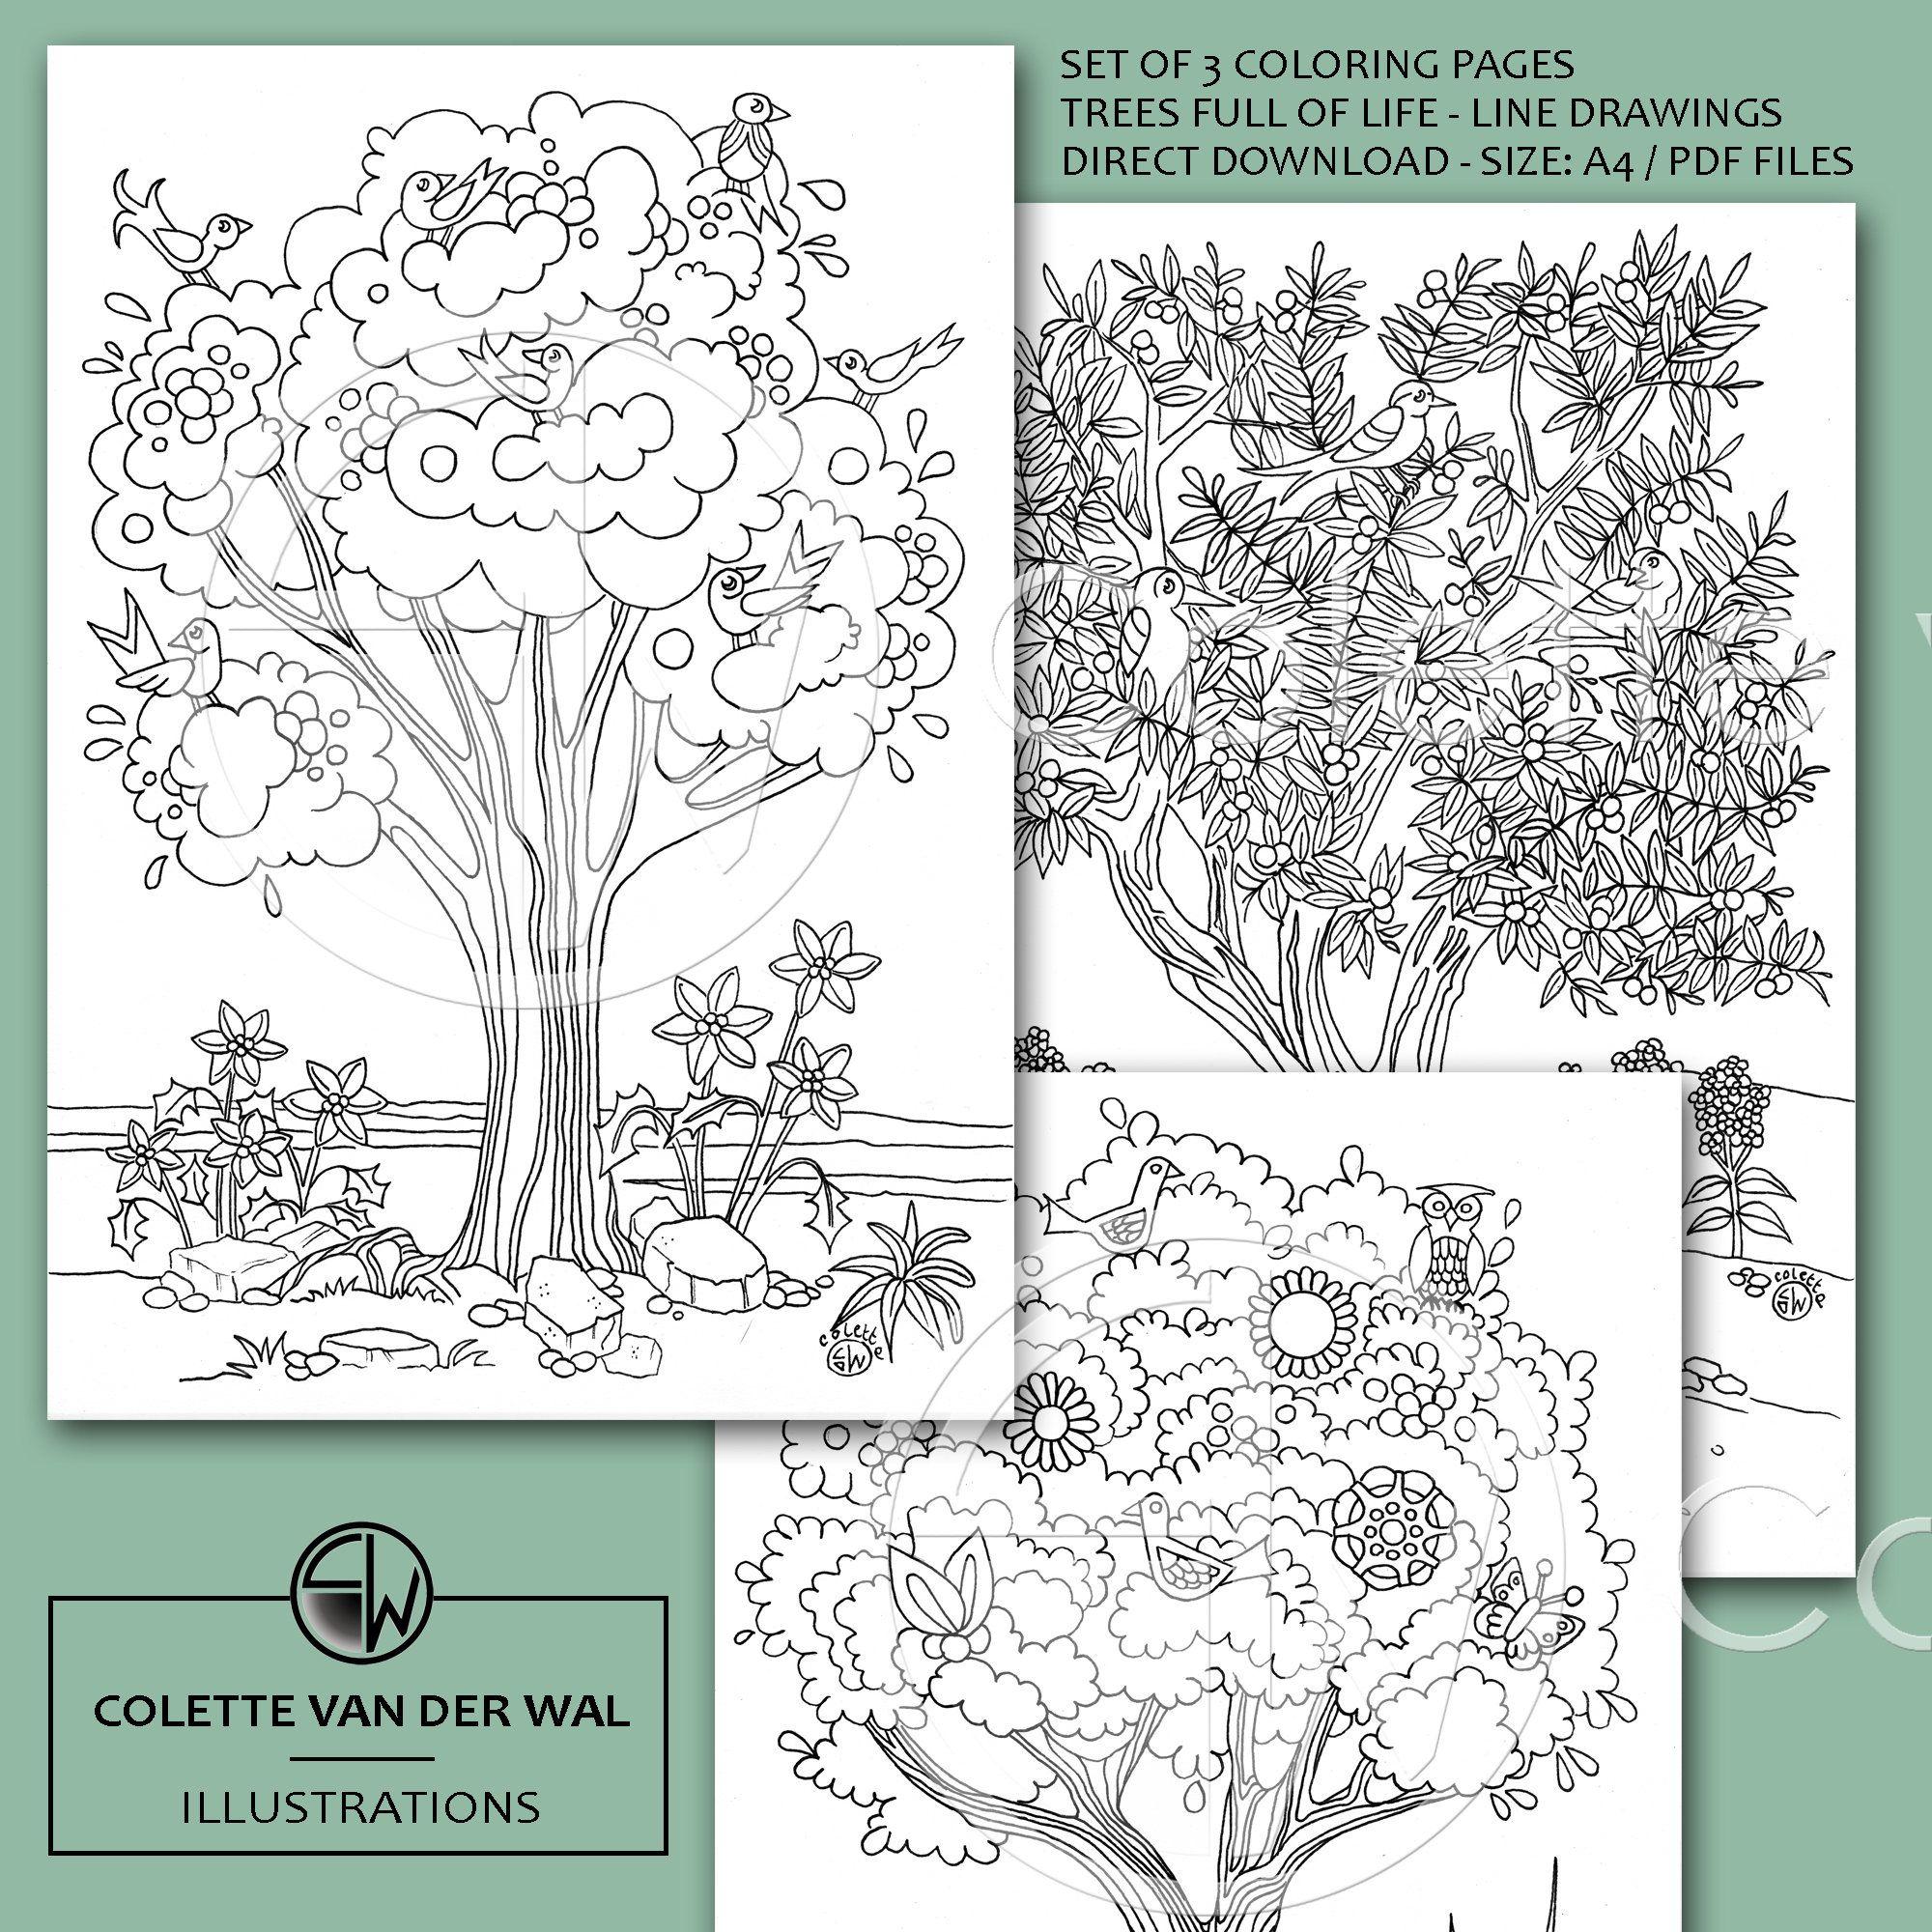 Vrolijke Bomen Kleurplaten Set Van 3 Verschillende Etsy Kleurplaten Kleurboek Handgetekend